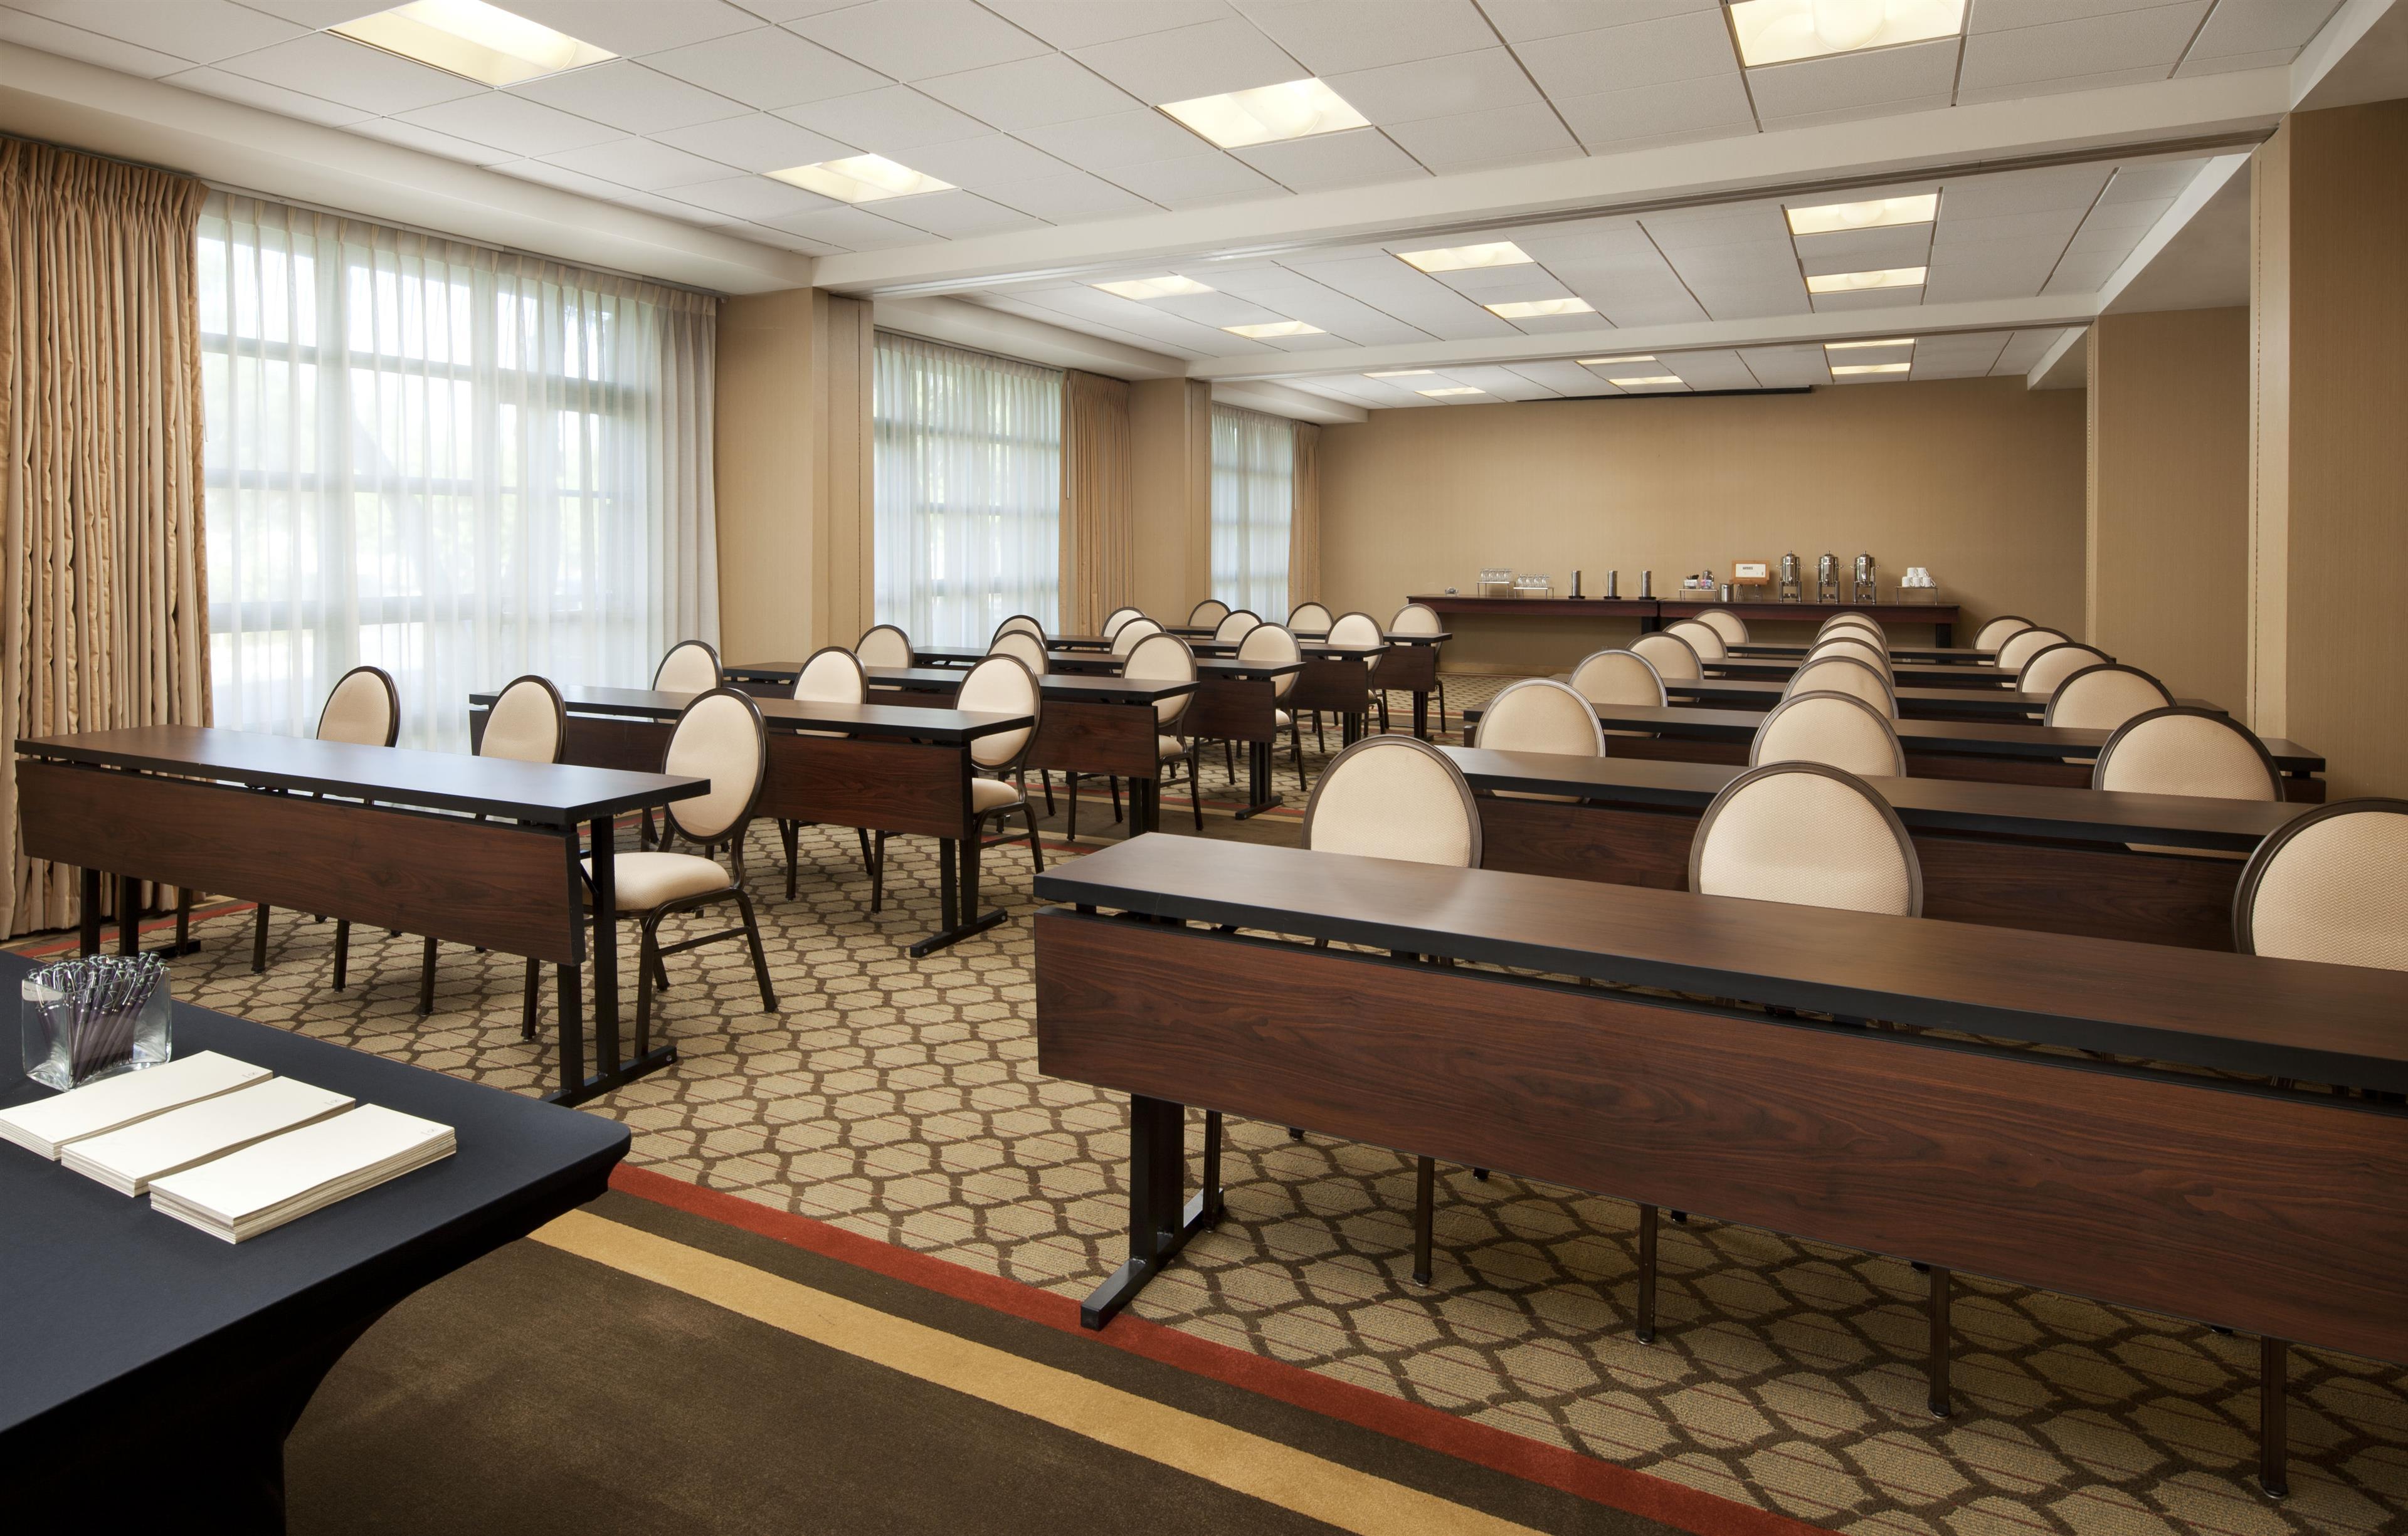 Sheraton San Jose Hotel image 3